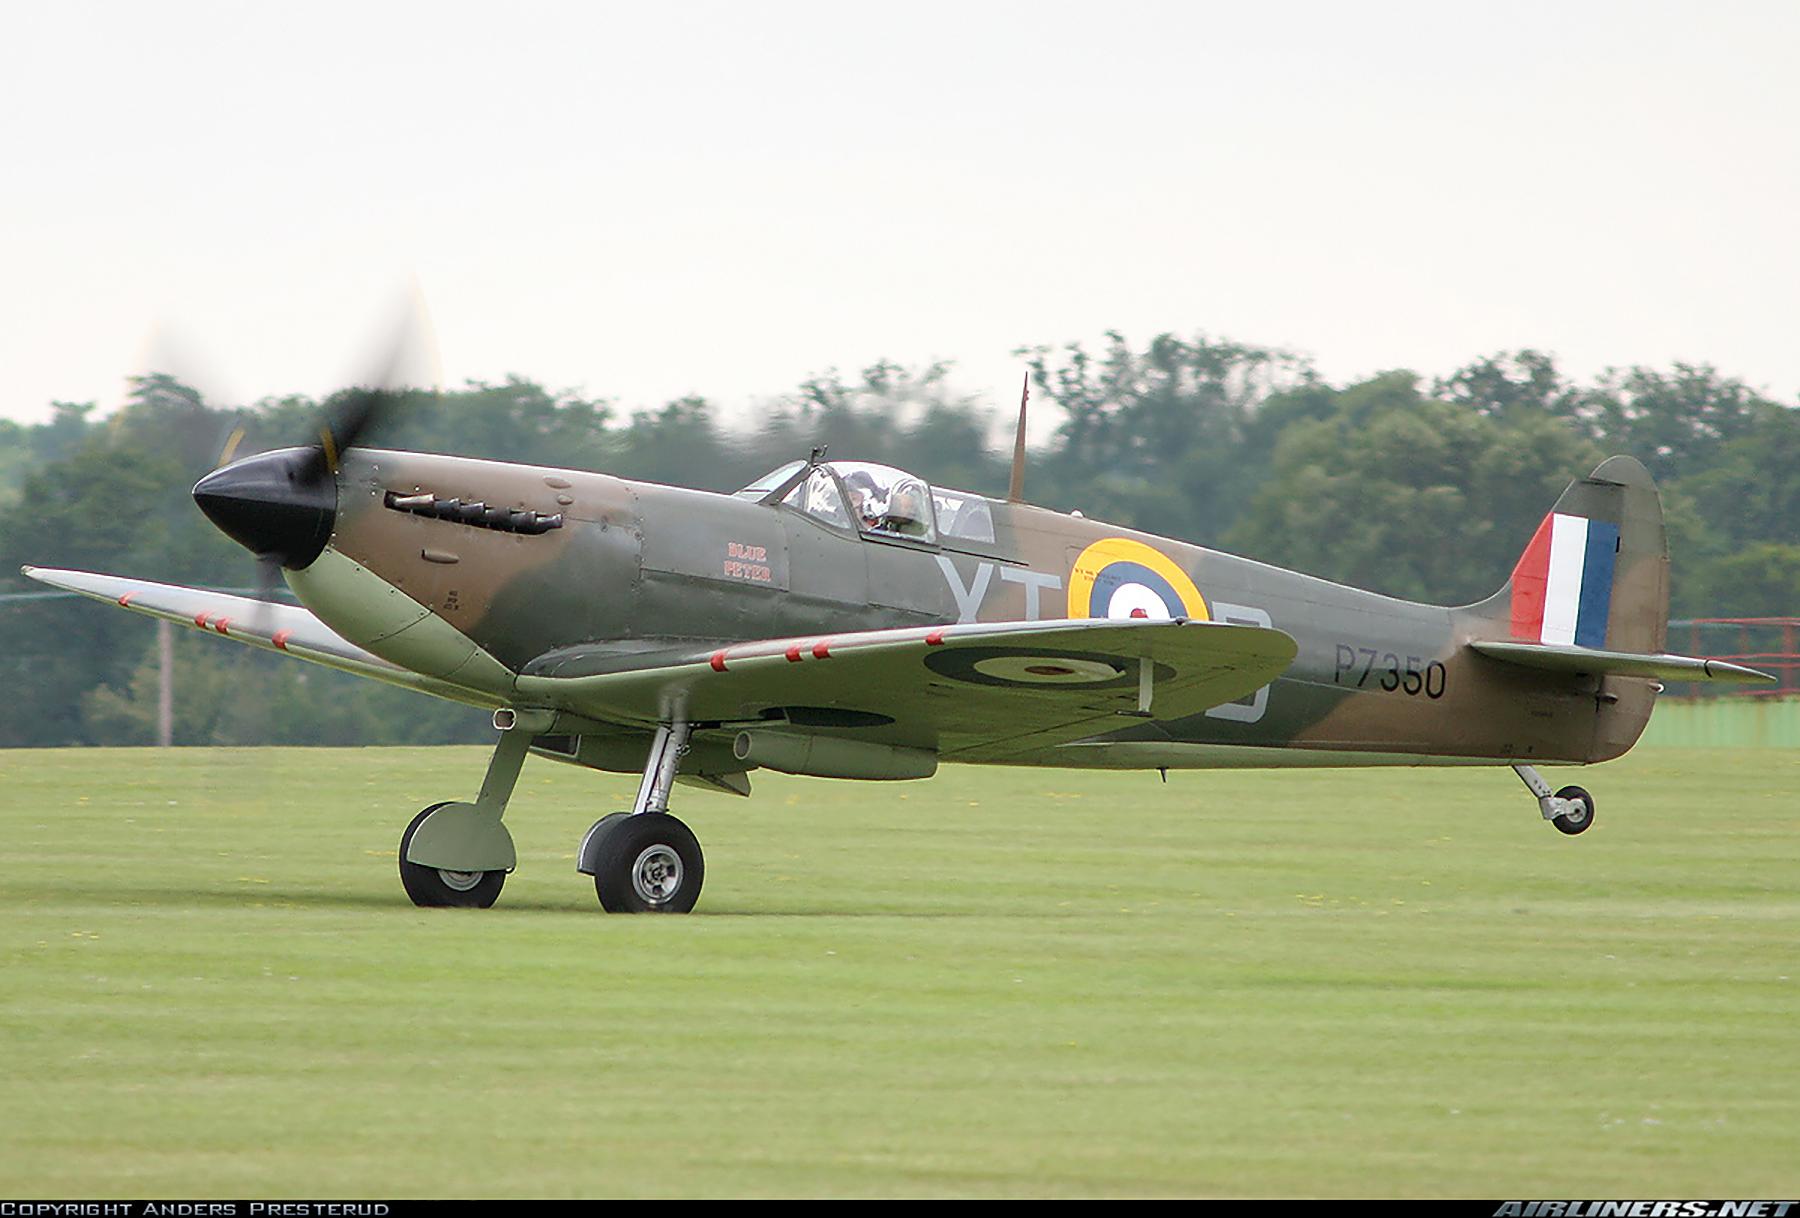 Airworthy Spitfire warbird RAF 603Sqn XTD P7350 11